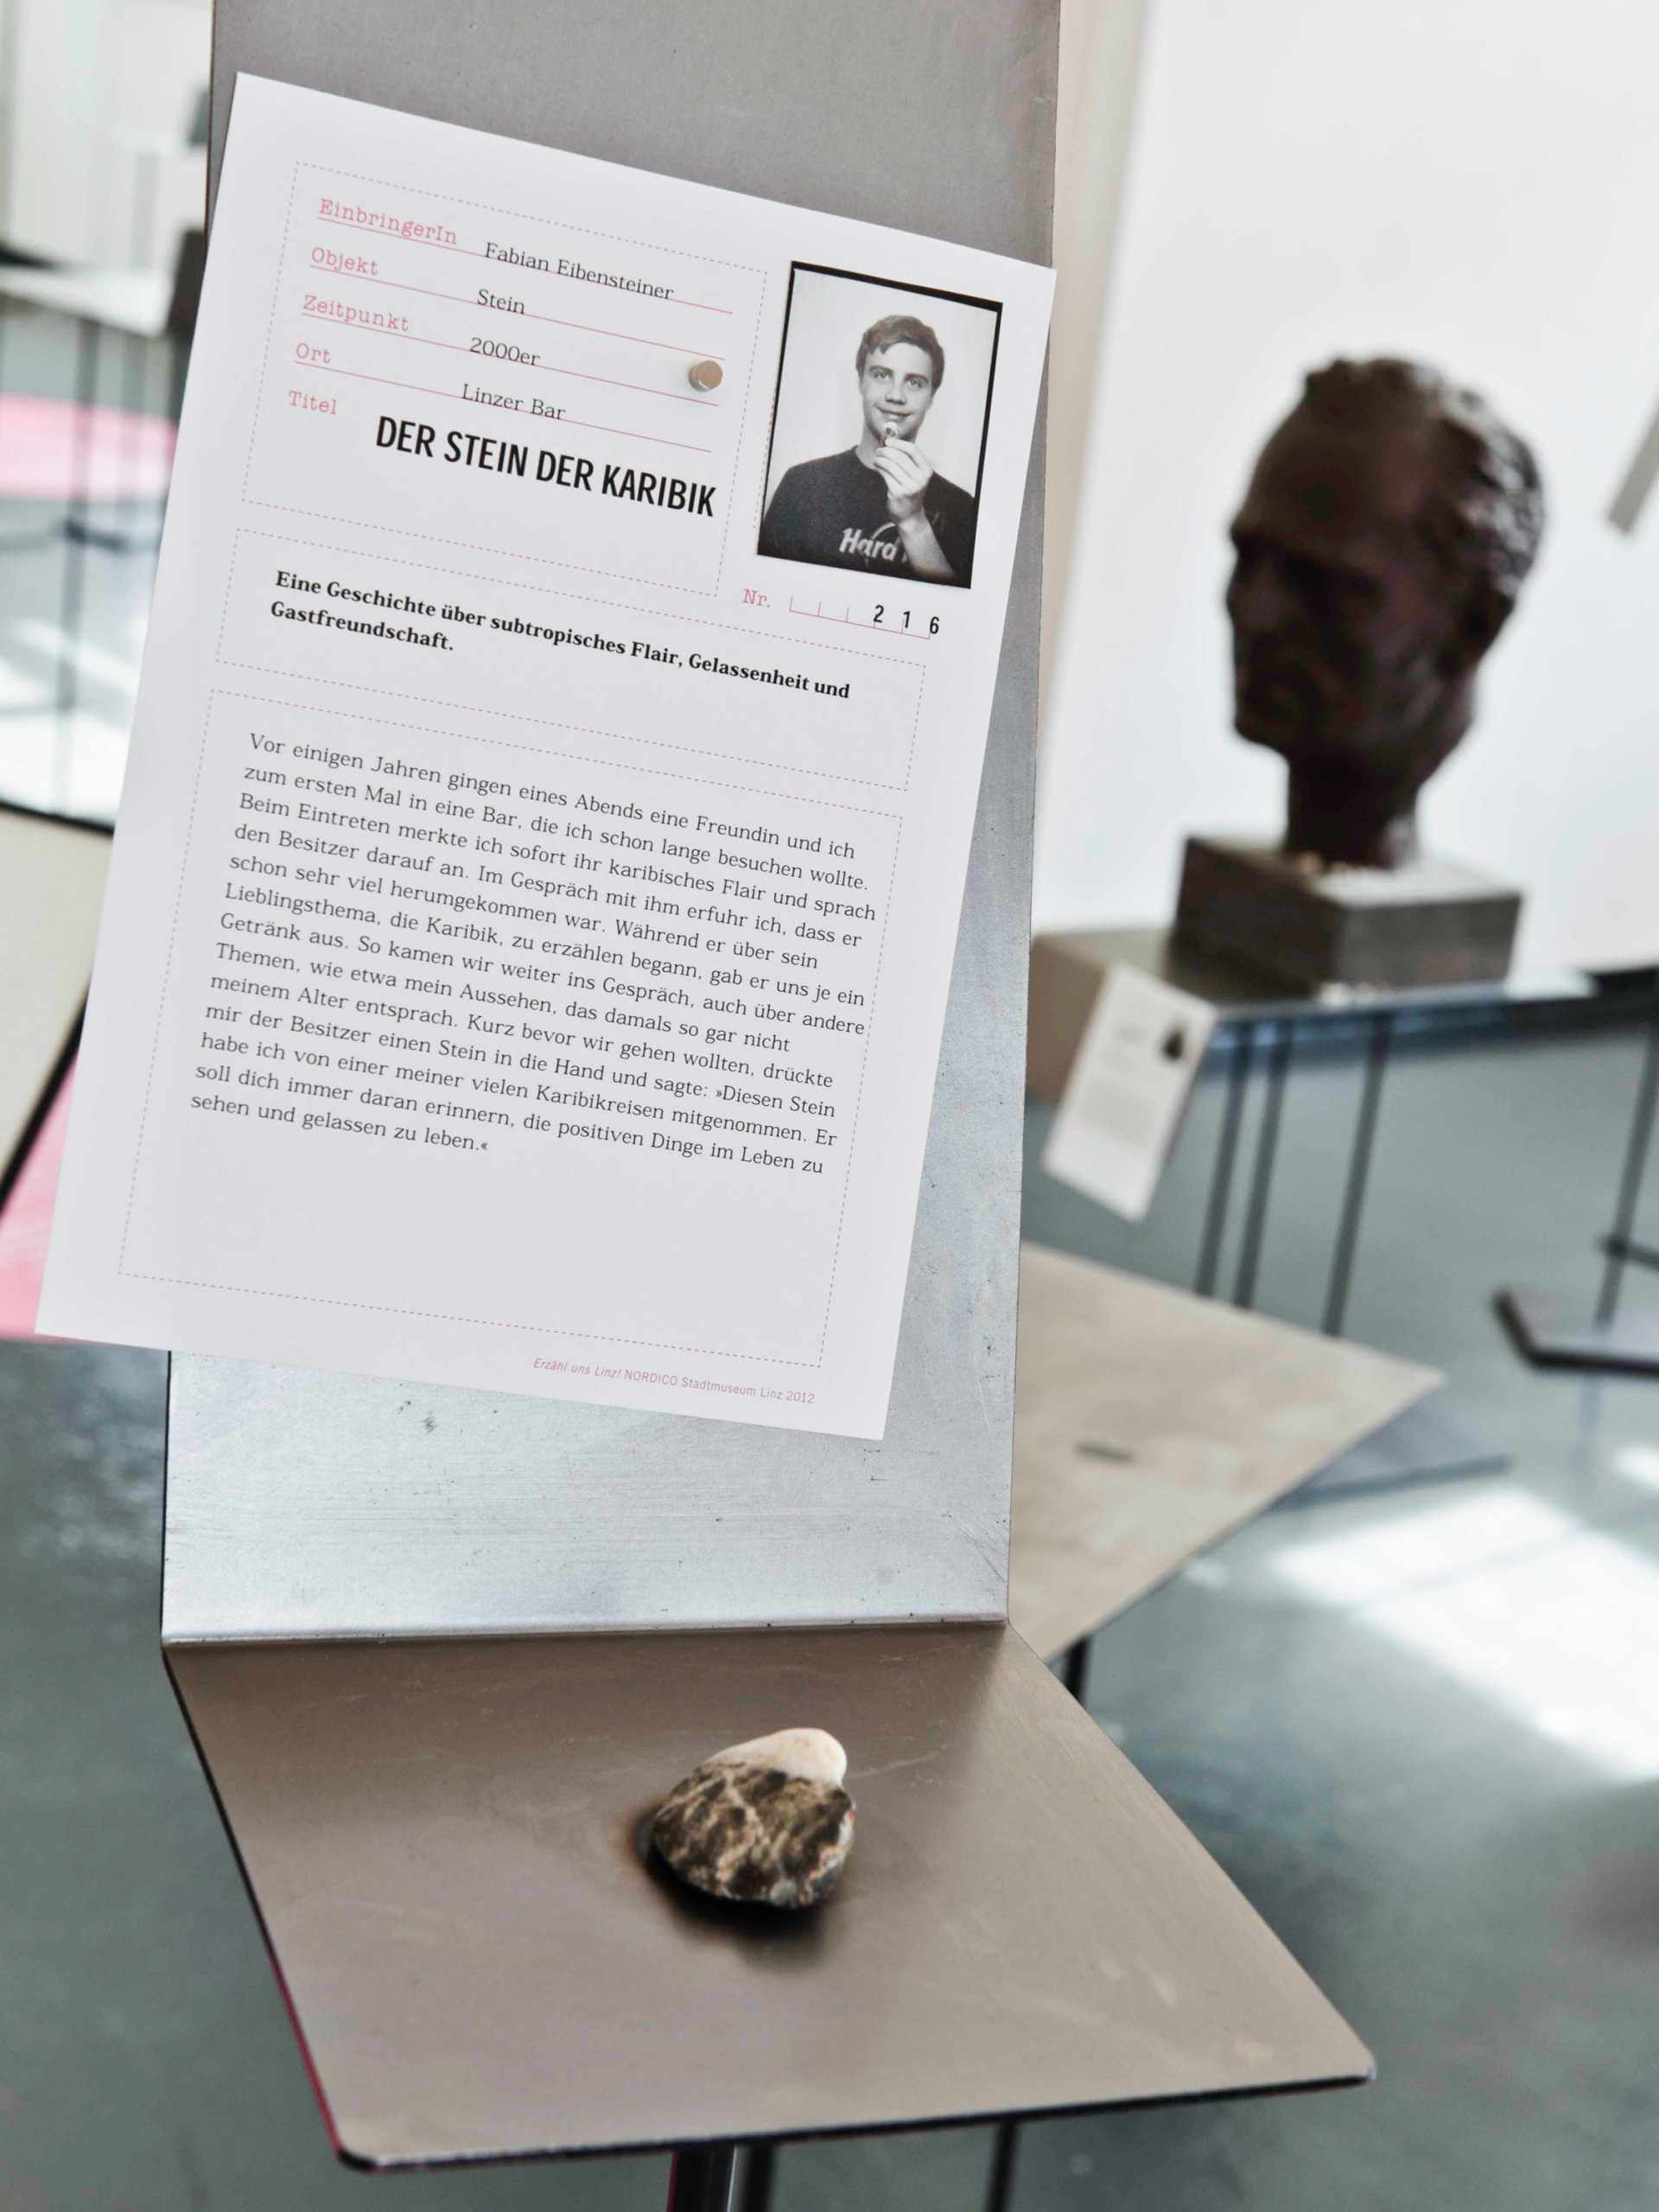 Grafikum Erzähl uns Linz exhibition